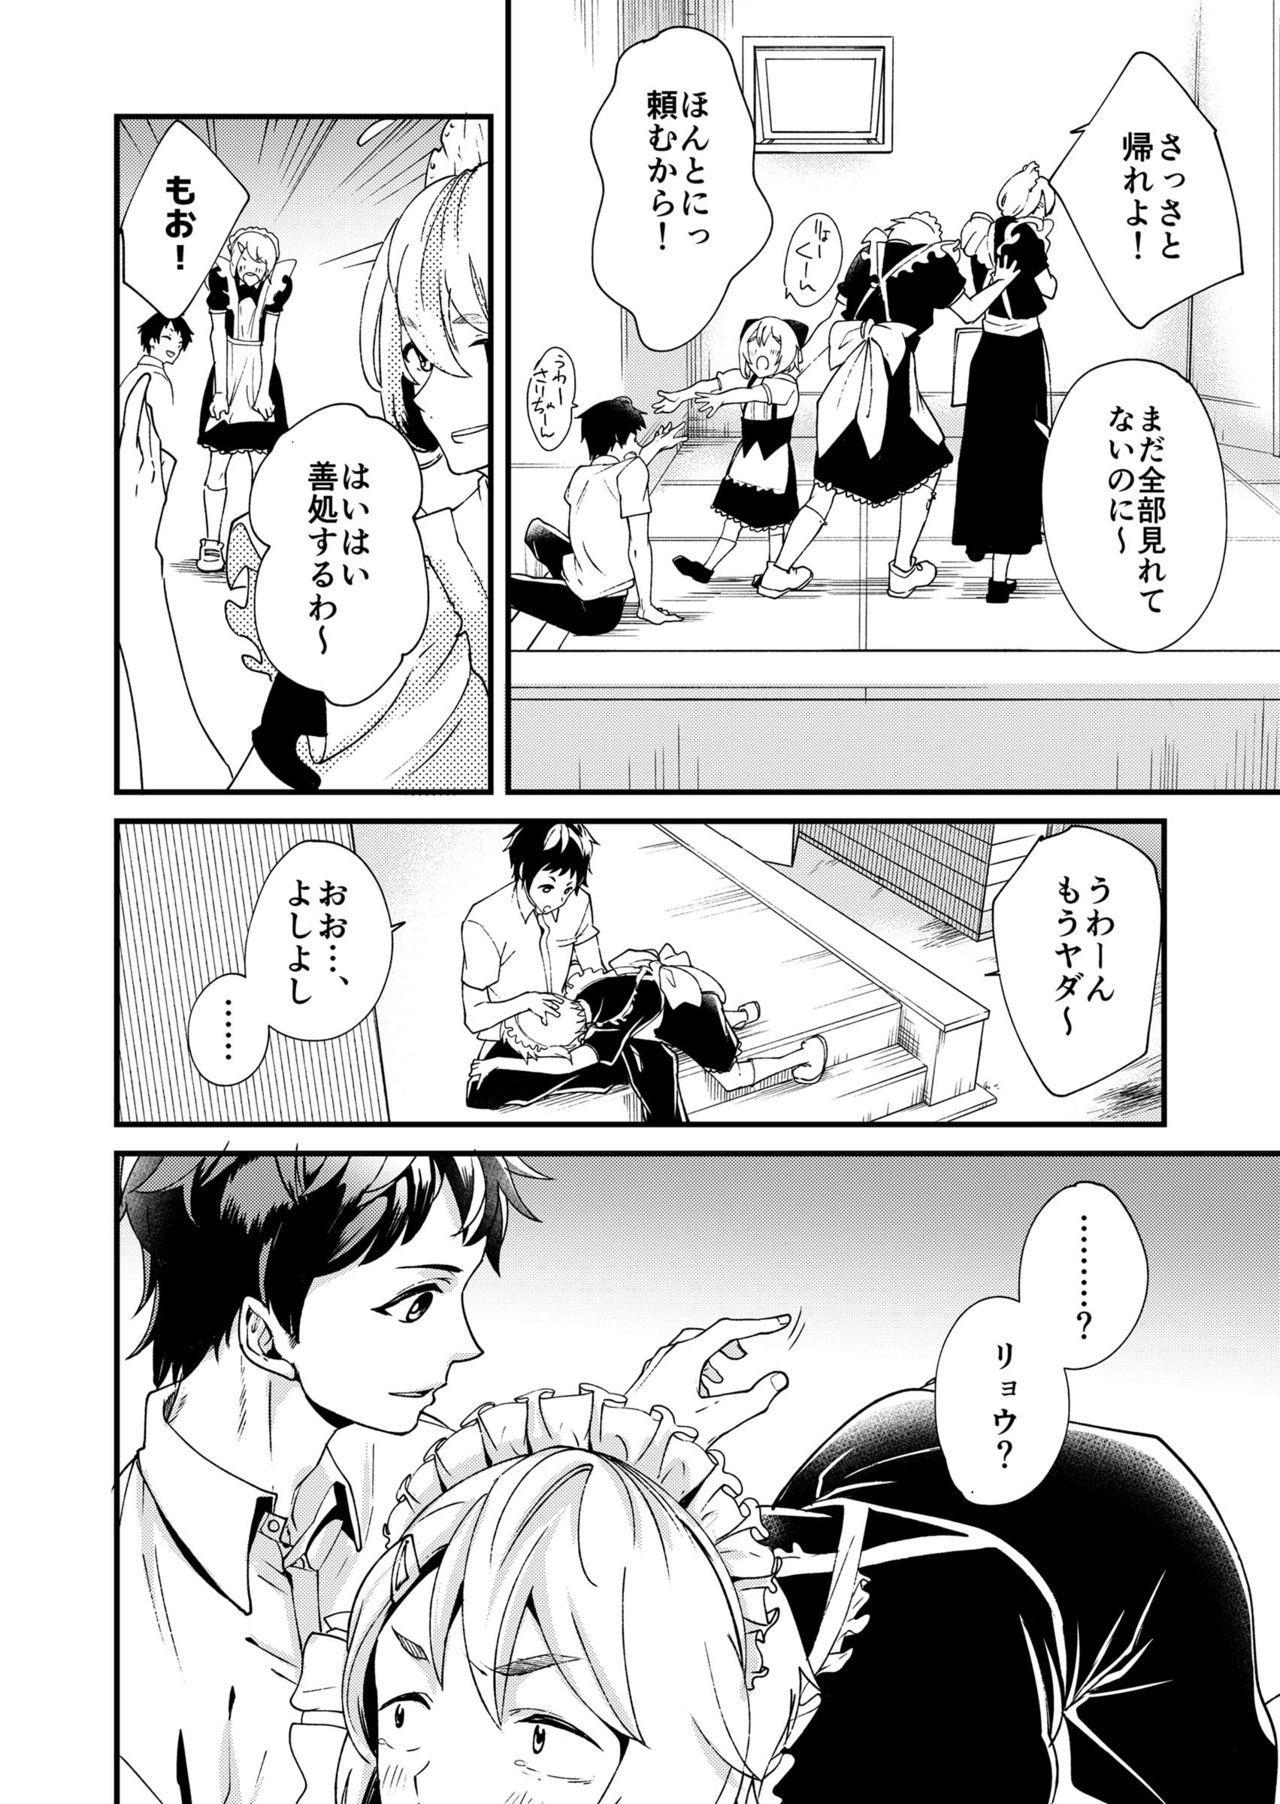 Emaru-kun ga Ienai Koto 7